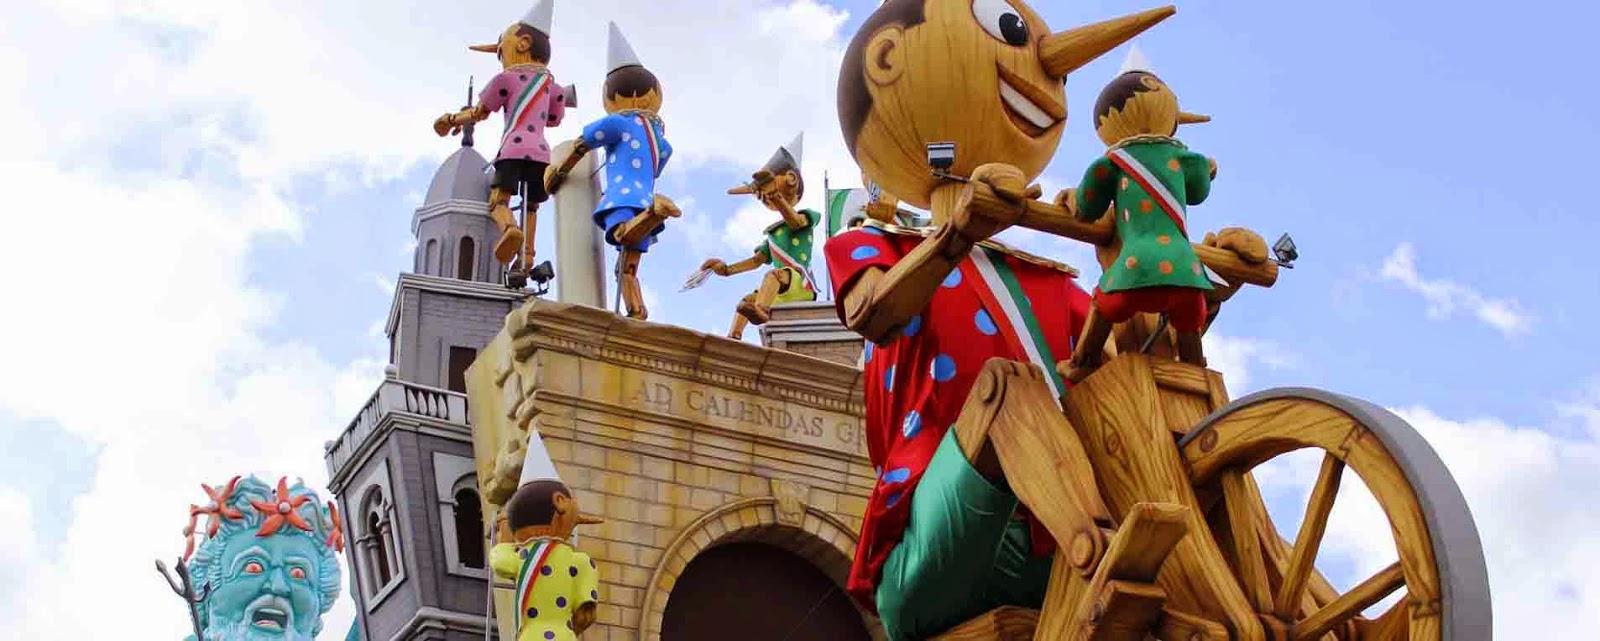 Eventi caratteristici del Carnevale di Fano 2015